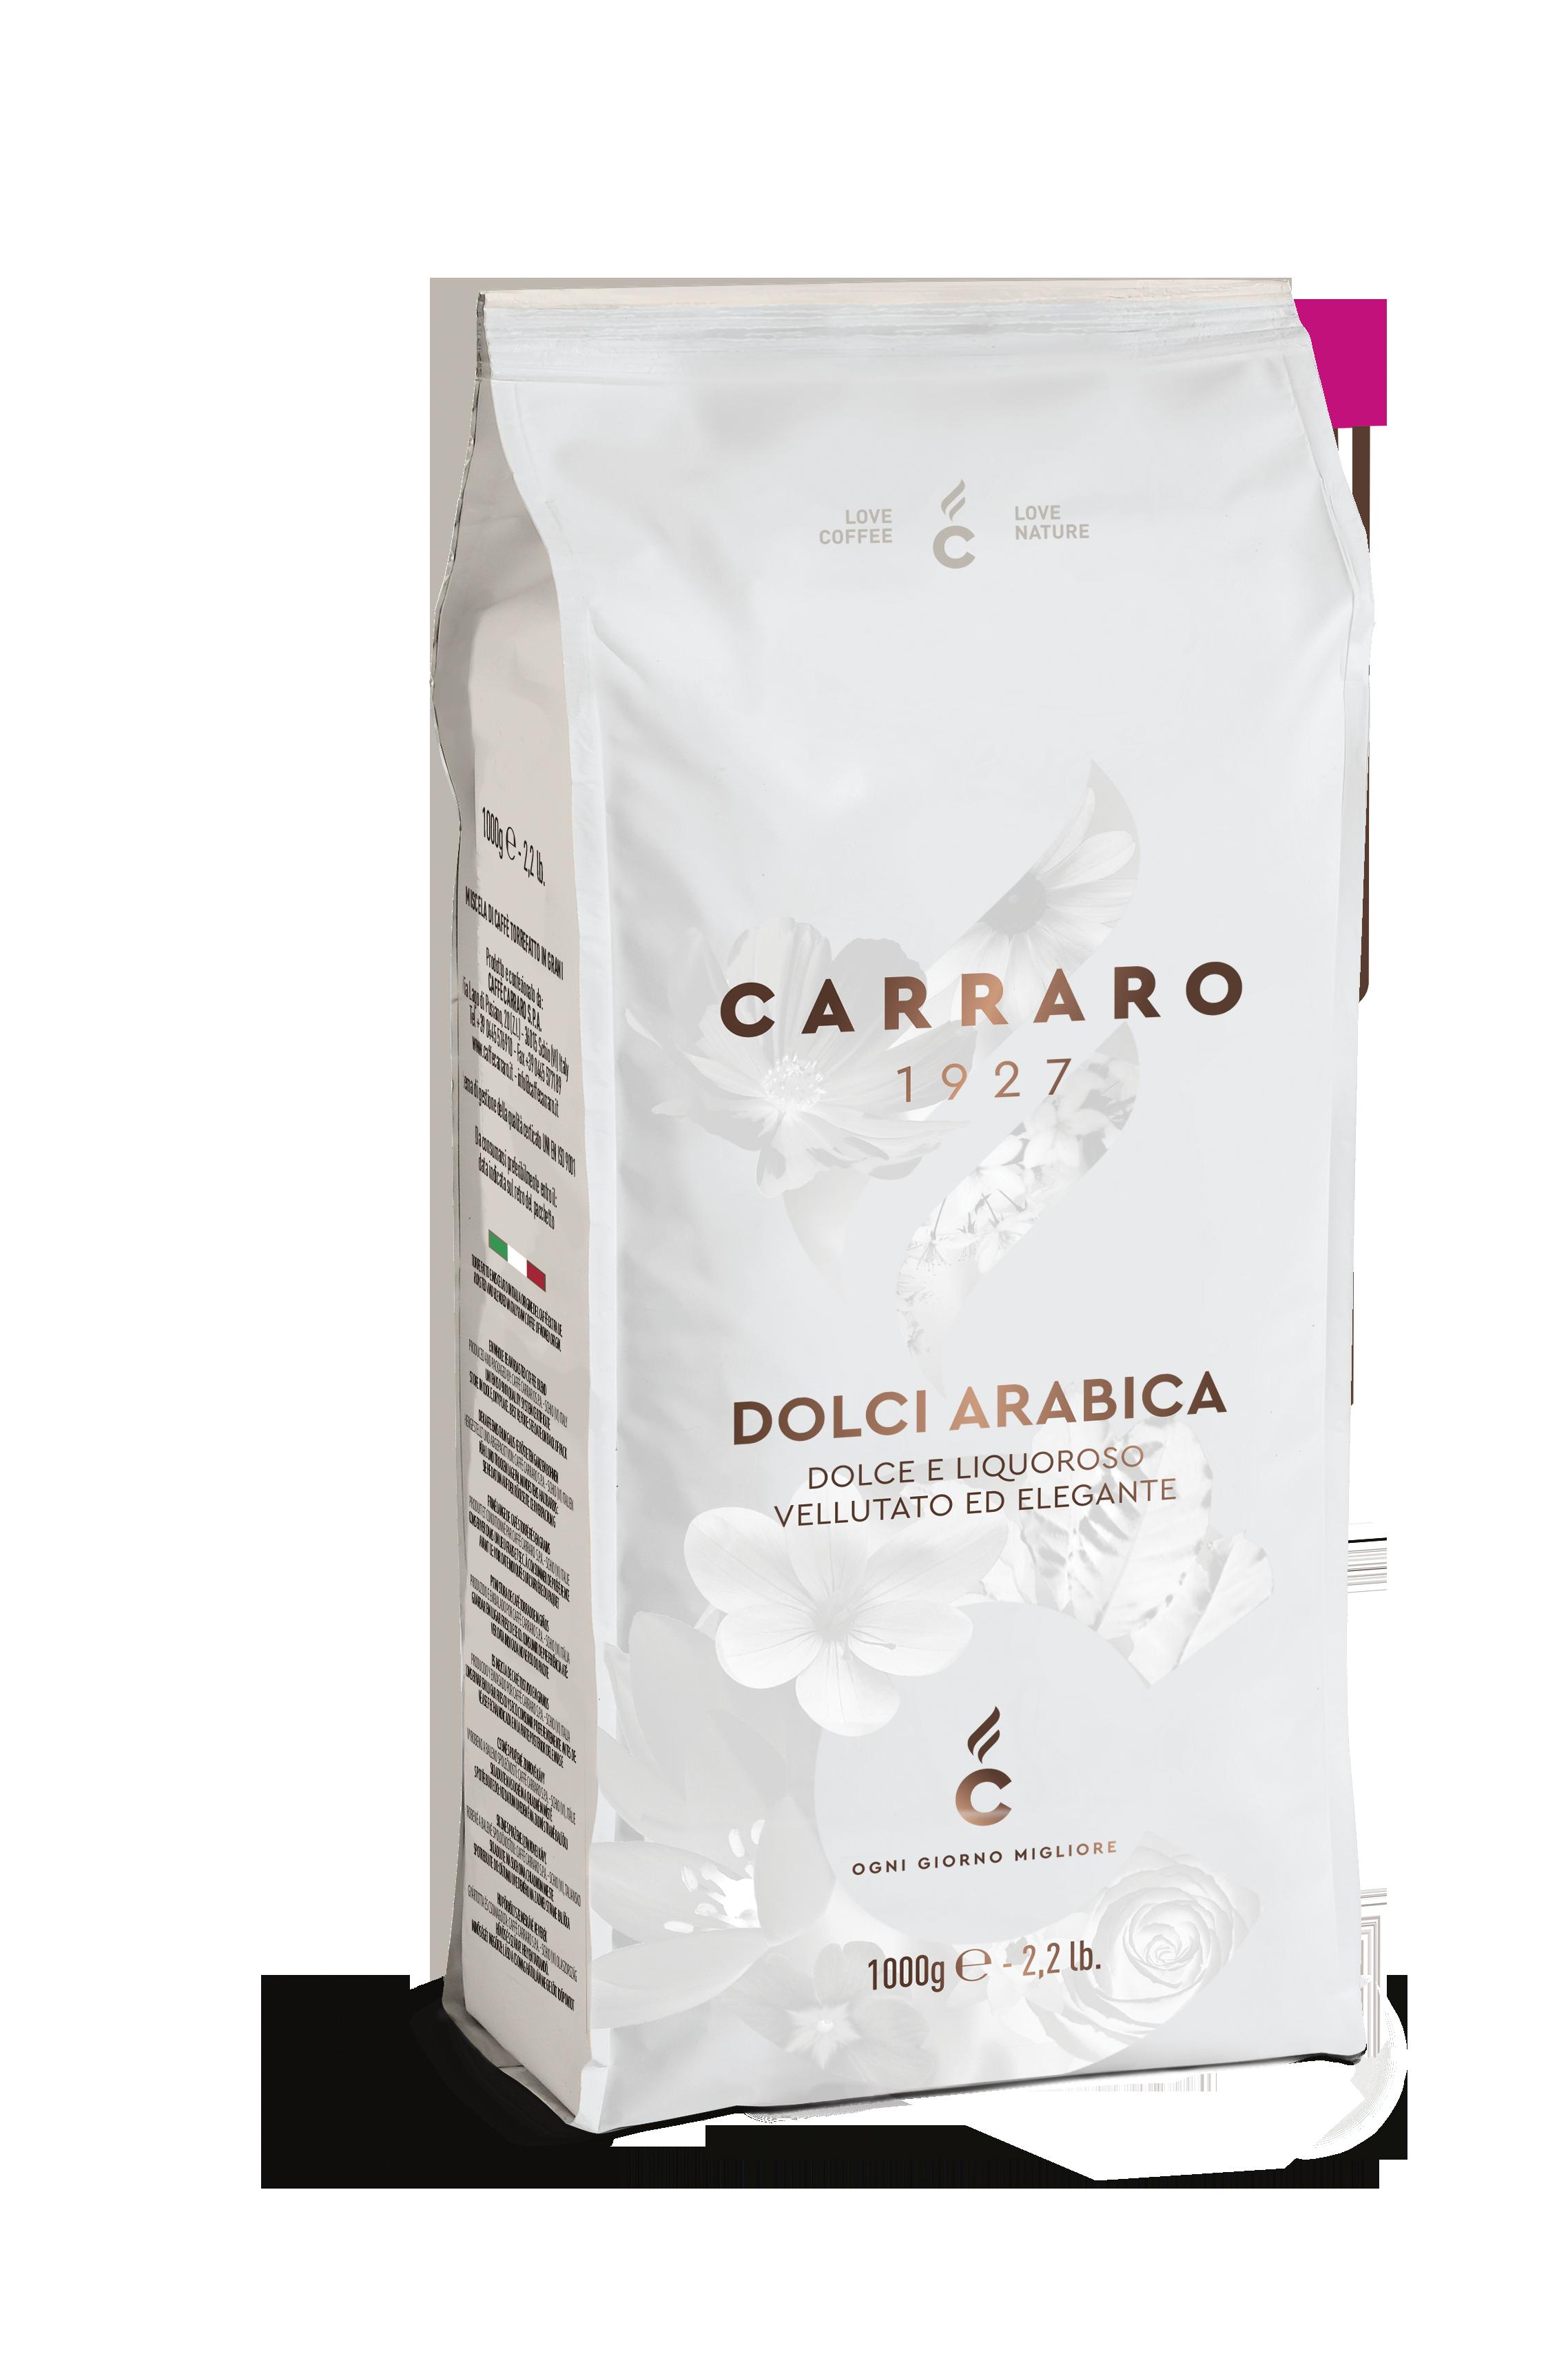 Carraro_1000g_horeca premium_dolci arabica